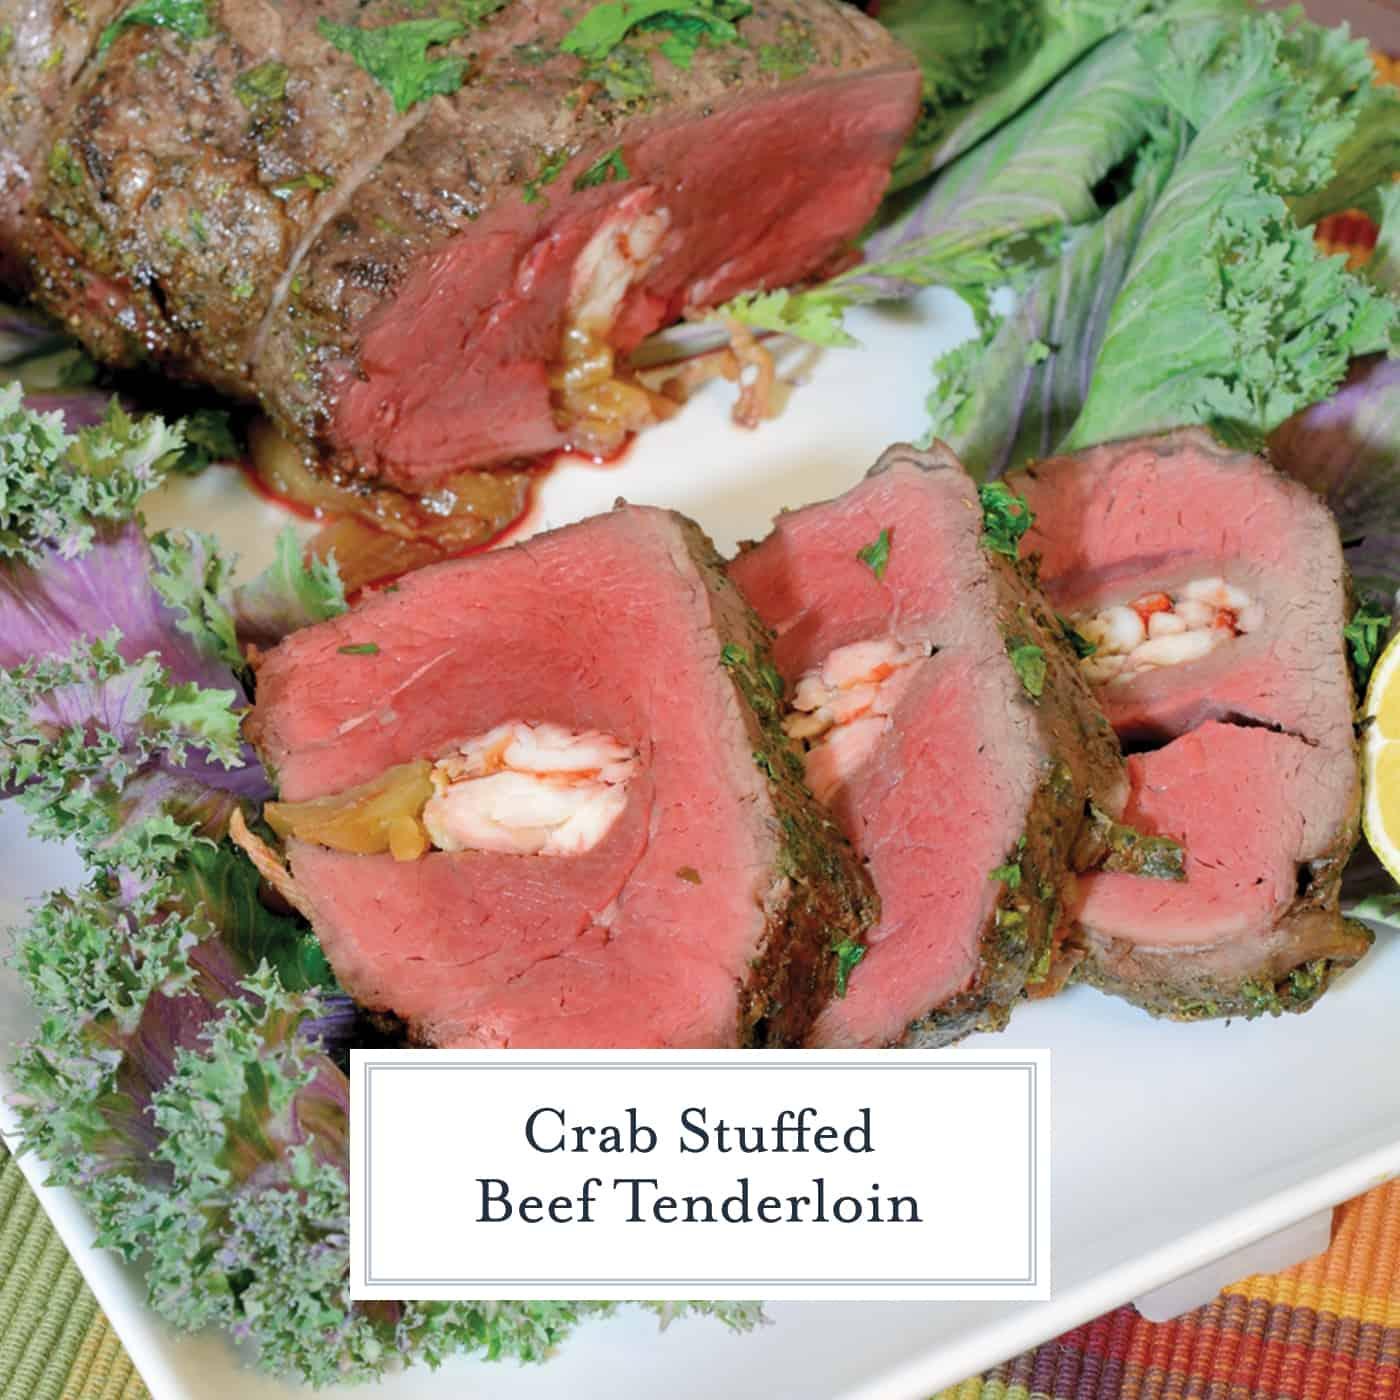 Crab Stuffed Beef Tenderloin